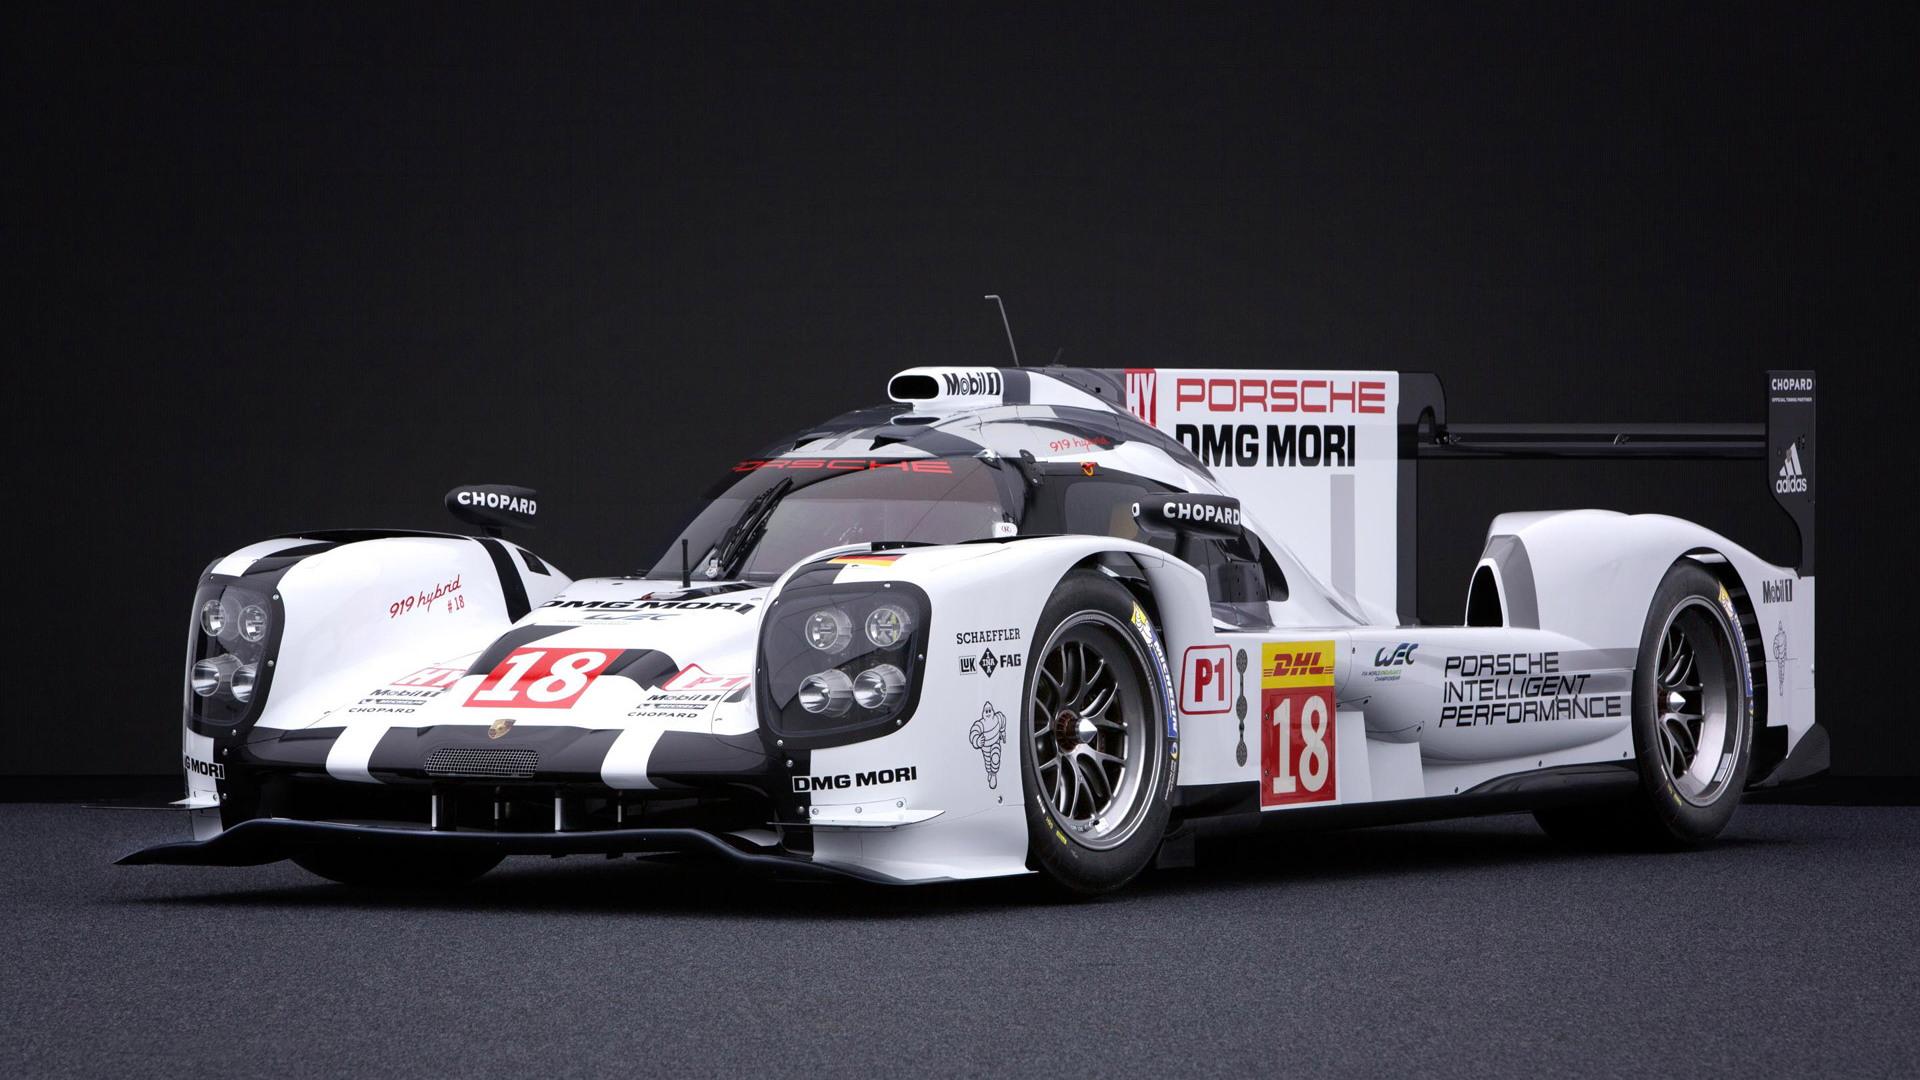 2015 Porsche 919 Hybrid Le Mans prototype